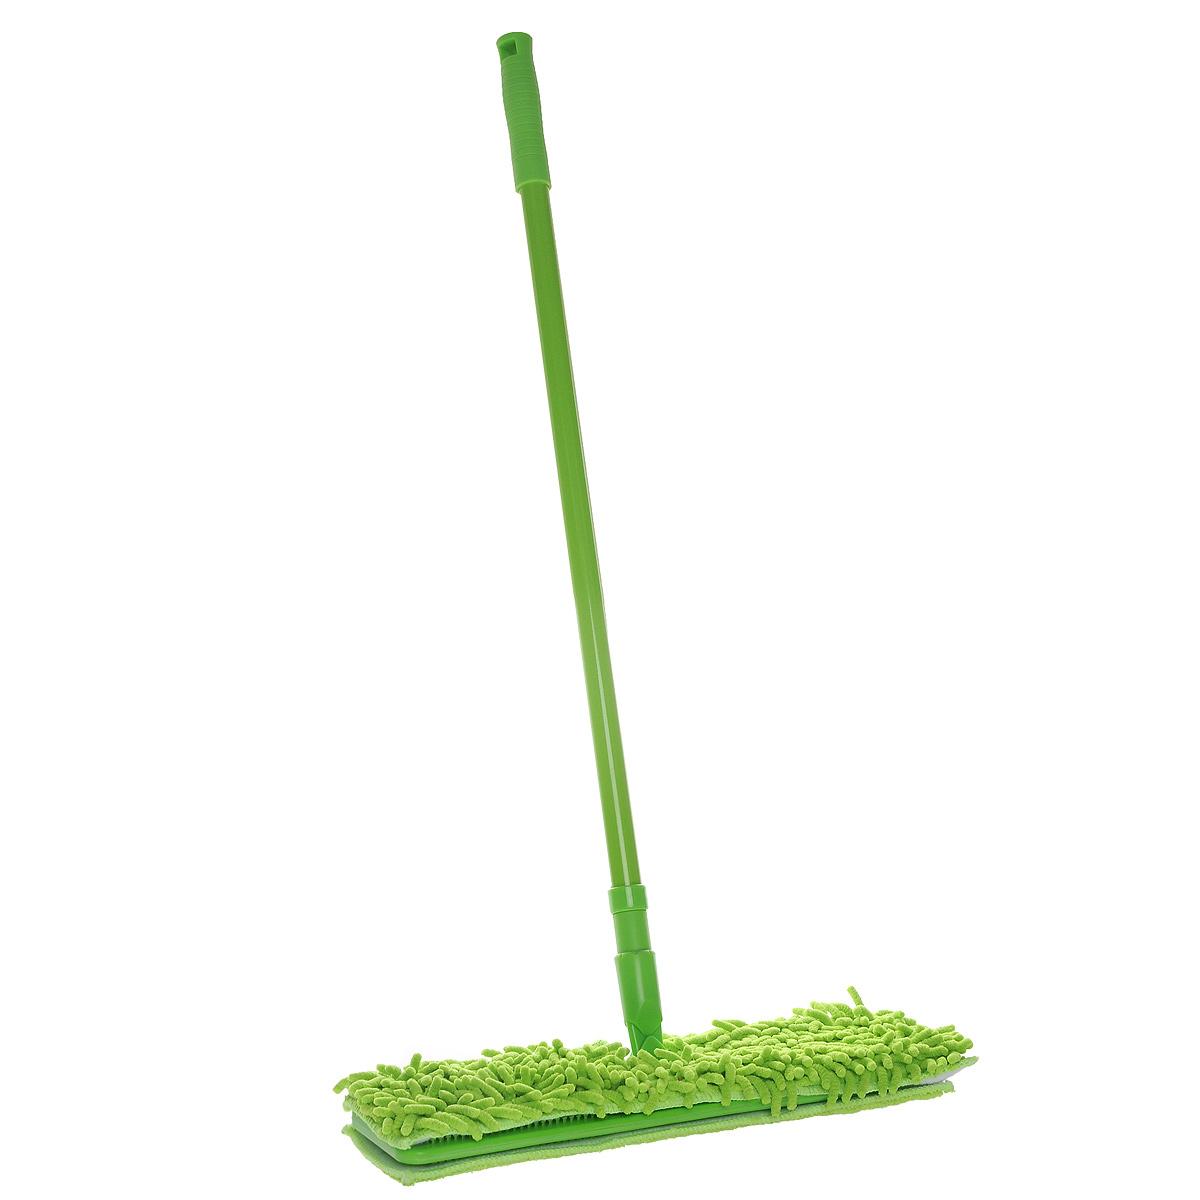 Швабра Home Queen Еврокласс, двухсторонняя, с телескопической ручкой, цвет: зеленый, длина 72-126 см57981Швабра Home Queen Еврокласс, выполненная из стали, полипропилена, идеально подходит для мытья всех типов напольных поверхностей: паркет, ламинат, линолеум, кафельная плитка. Материал насадки - шенилл (разновидность микрофибры) обладает высокой износостойкостью, не царапает поверхности и отлично впитывает влагу. Волокна микрофибры примерно в 100 раз тоньше человеческого волоса, а благодаря специальной технологии производства, каждое волокно расщепляется еще на 12-16 клиновидных нитей. Это дает микрофибре ряд существенных преимуществ перед натуральными волокнами, которые имеют круглое сечение. Одно из них то, что многочисленные поры между микроволокнами, благодаря капиллярному эффекту, мгновенно впитывают воду, подобно губке. Кроме того, сверхтонкое волокно микрофибры состоит из двух полимеров, соединенных в одну нить. Один из полимеров обладает свойством притягивать жирные и маслянистые вещества, таким образом, масло и жир прилипают непосредственно к волокнам насадки, что позволяет во многих случаях не использовать при уборке чистящие средства. Благодаря мелким порам микрововолокна, любые капельки, остающиеся на чистящей поверхности, очень быстро испаряются, и остается чистая дорожка без полос и разводов. Благодаря своей структуре, шенилловая насадка отлично моет углы. Телескопический механизм ручки позволяет выбрать необходимую вам длину, а также сэкономить место при хранении. Насадку можно стирать вручную или в стиральной машине с мягким моющим средством без использования кондиционера и отбеливателя, при температуре 60...90°С без кипячения.Длина ручки: 72 см - 126 см.Размер насадки: 41 см х 12 см х 4 см.